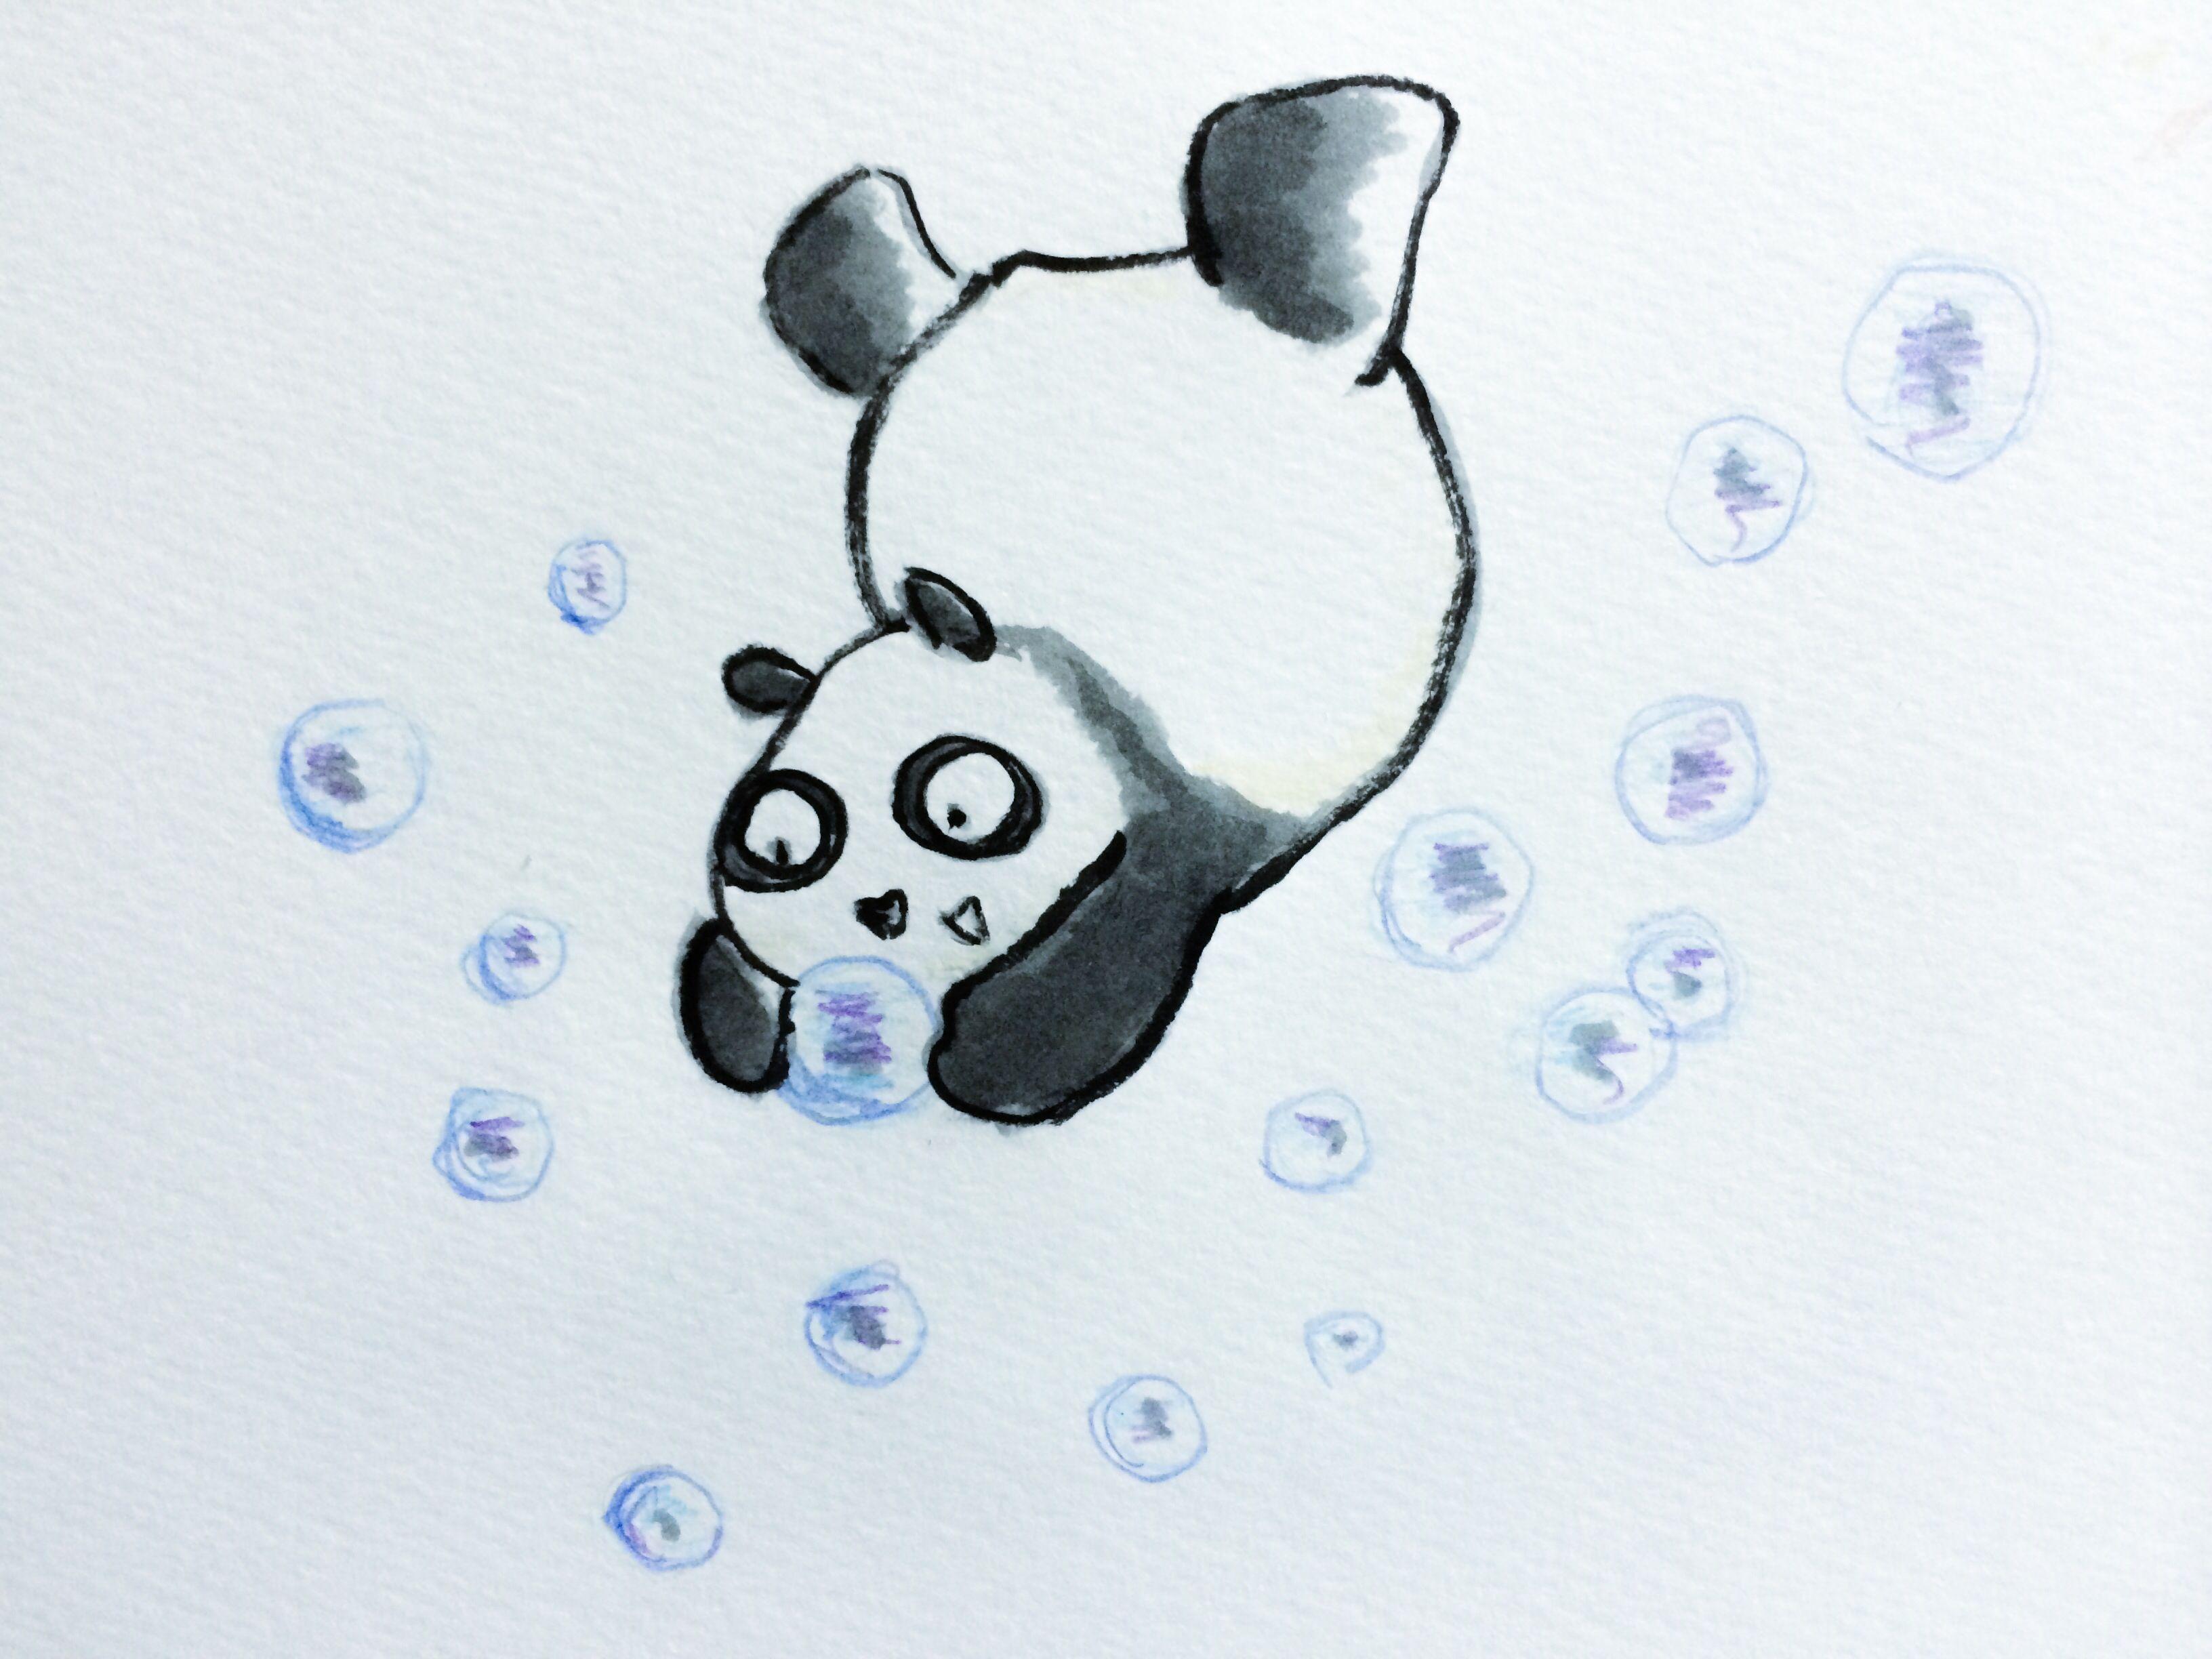 【一日一大熊猫】 幼児は炭酸飲料が飲めない子が多いけど 聞くと「からい」って言うよね。 でも突然飲めるようになるんだよね。。。 #炭酸飲料